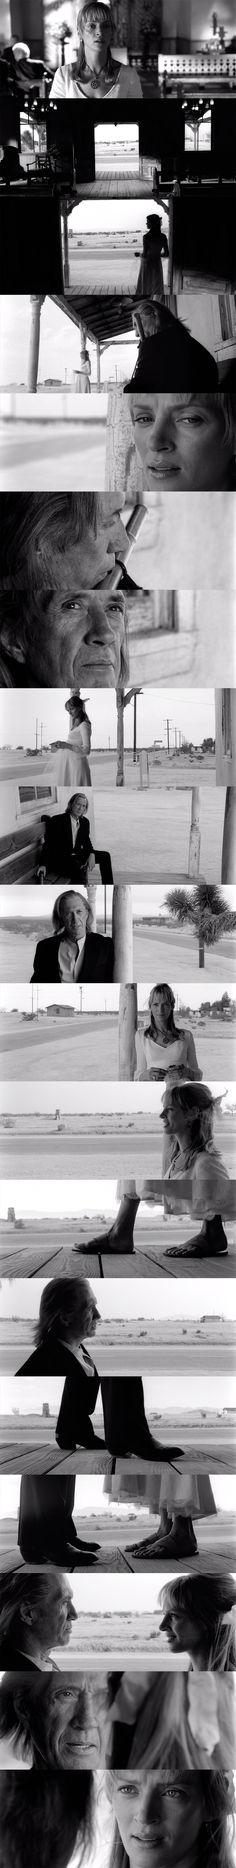 Kill Bill v1,v2 (2003, 2004) | dir. Quentin Tarantino | dop. Robert Richardson